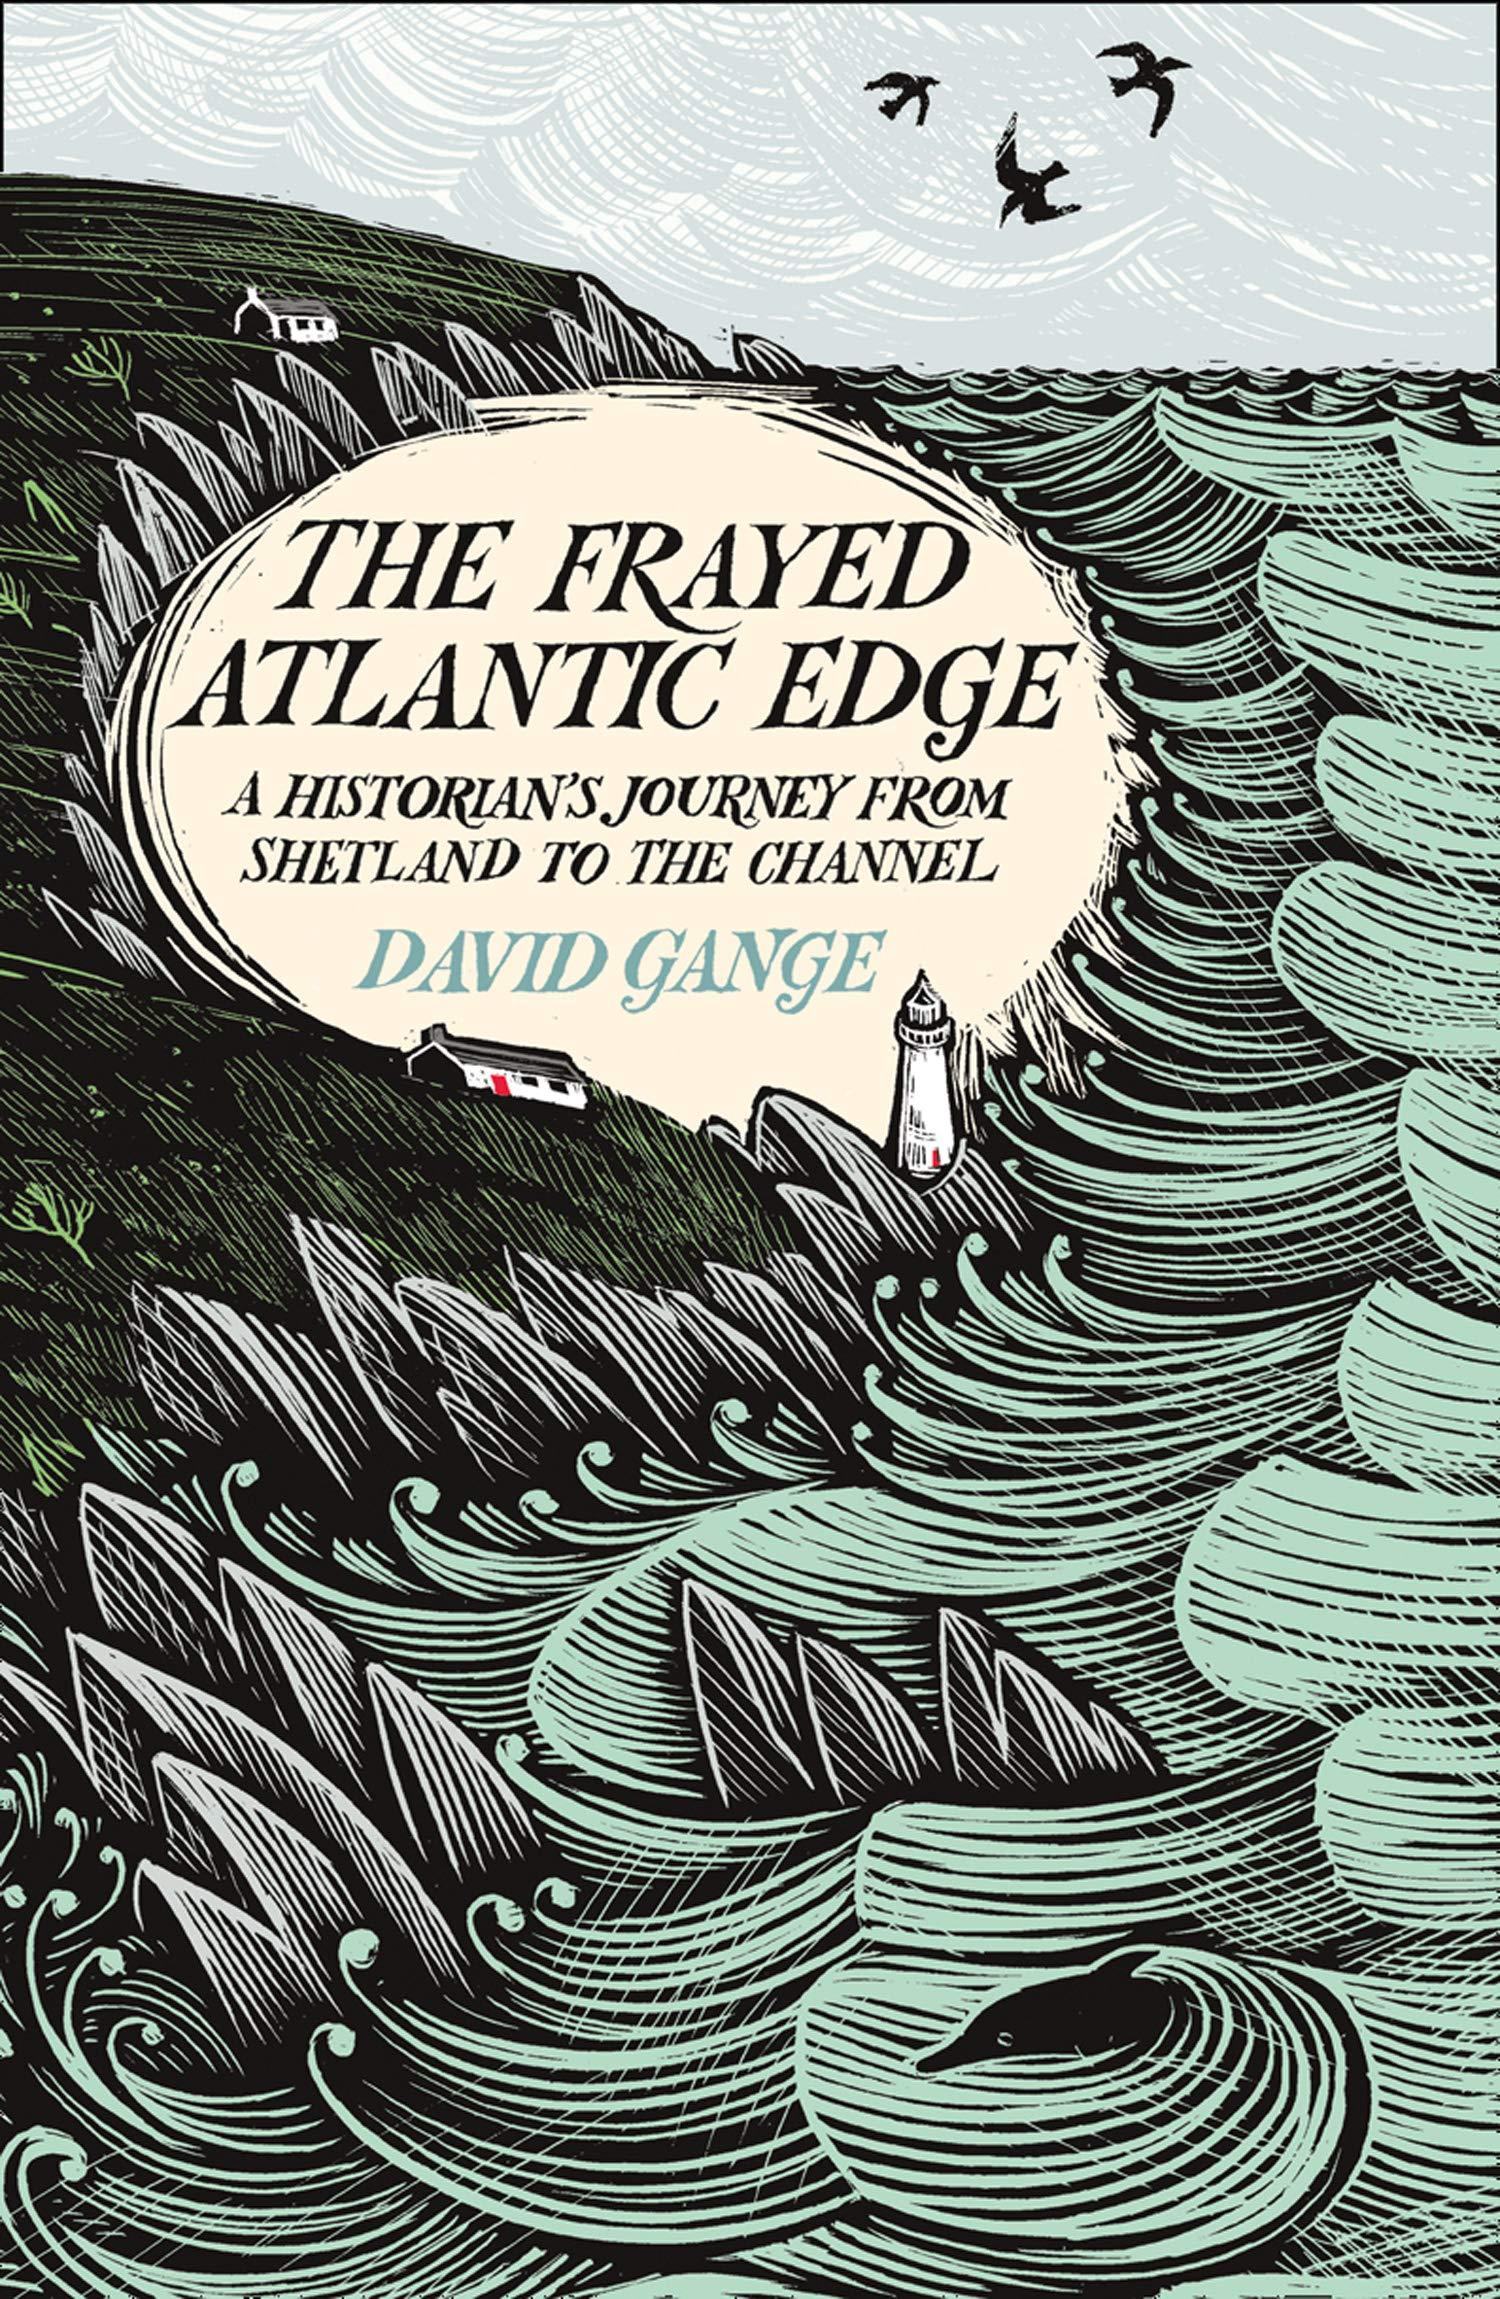 The Frayed Atlantic Edge | David Gange 9780008225117 David Gange Collins   Landeninformatie, Watersportboeken Britse Eilanden, Zeeën en oceanen